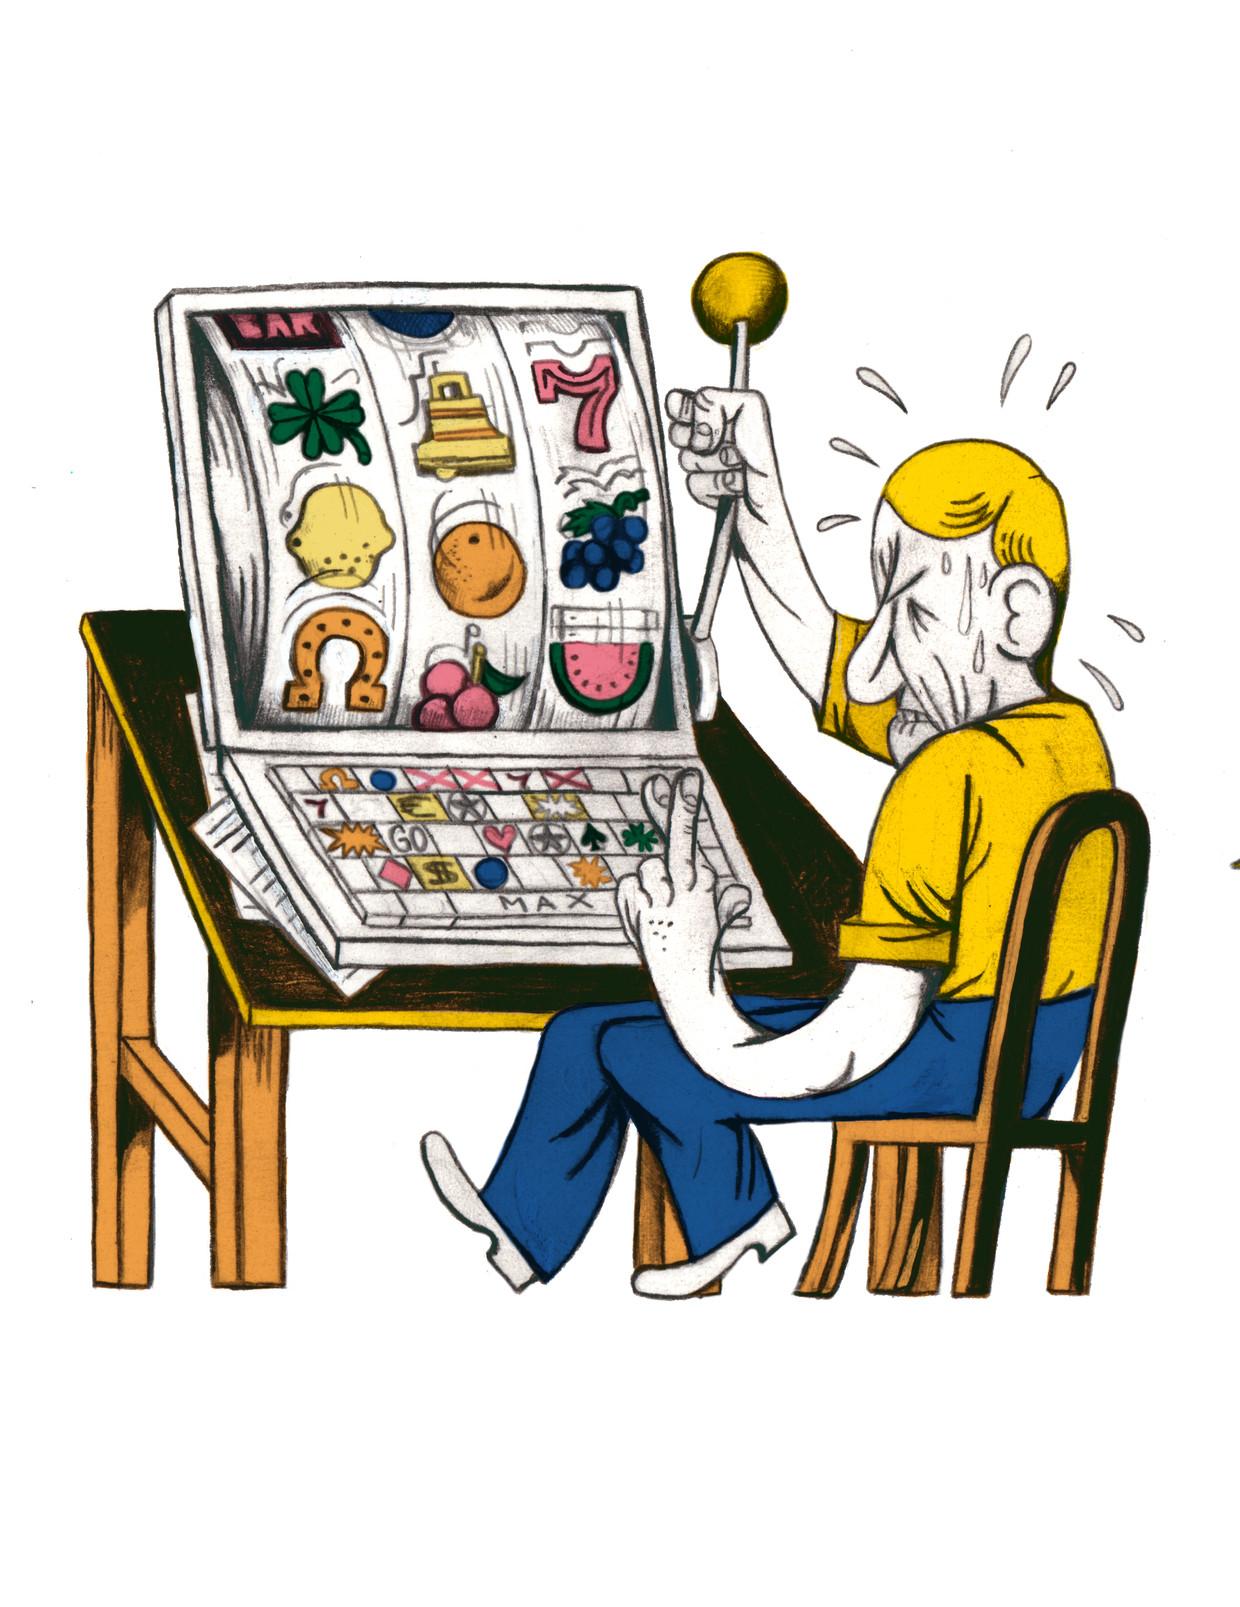 'Op mijn 8 jaar begon ik goud te verzamelen in de game 'Runescape'. Was ik daar niet mee begonnen, dan was ik vandaag niet gokverslaafd .' Beeld Lukas Verstraete